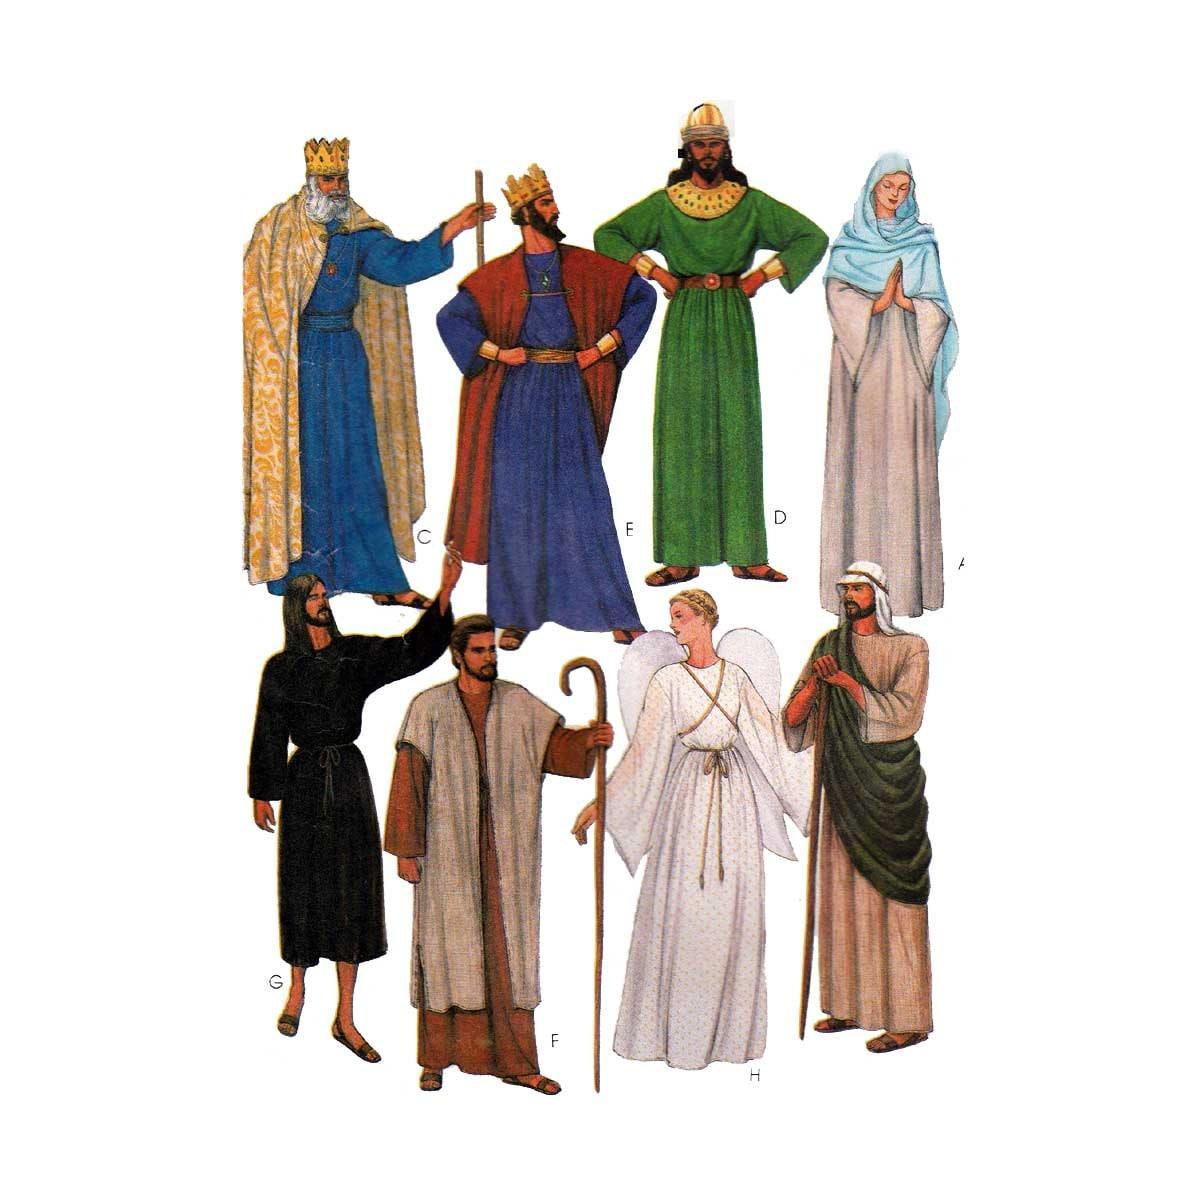 Erwachsenen biblische Kostüme Schnittmuster Misses / Herren